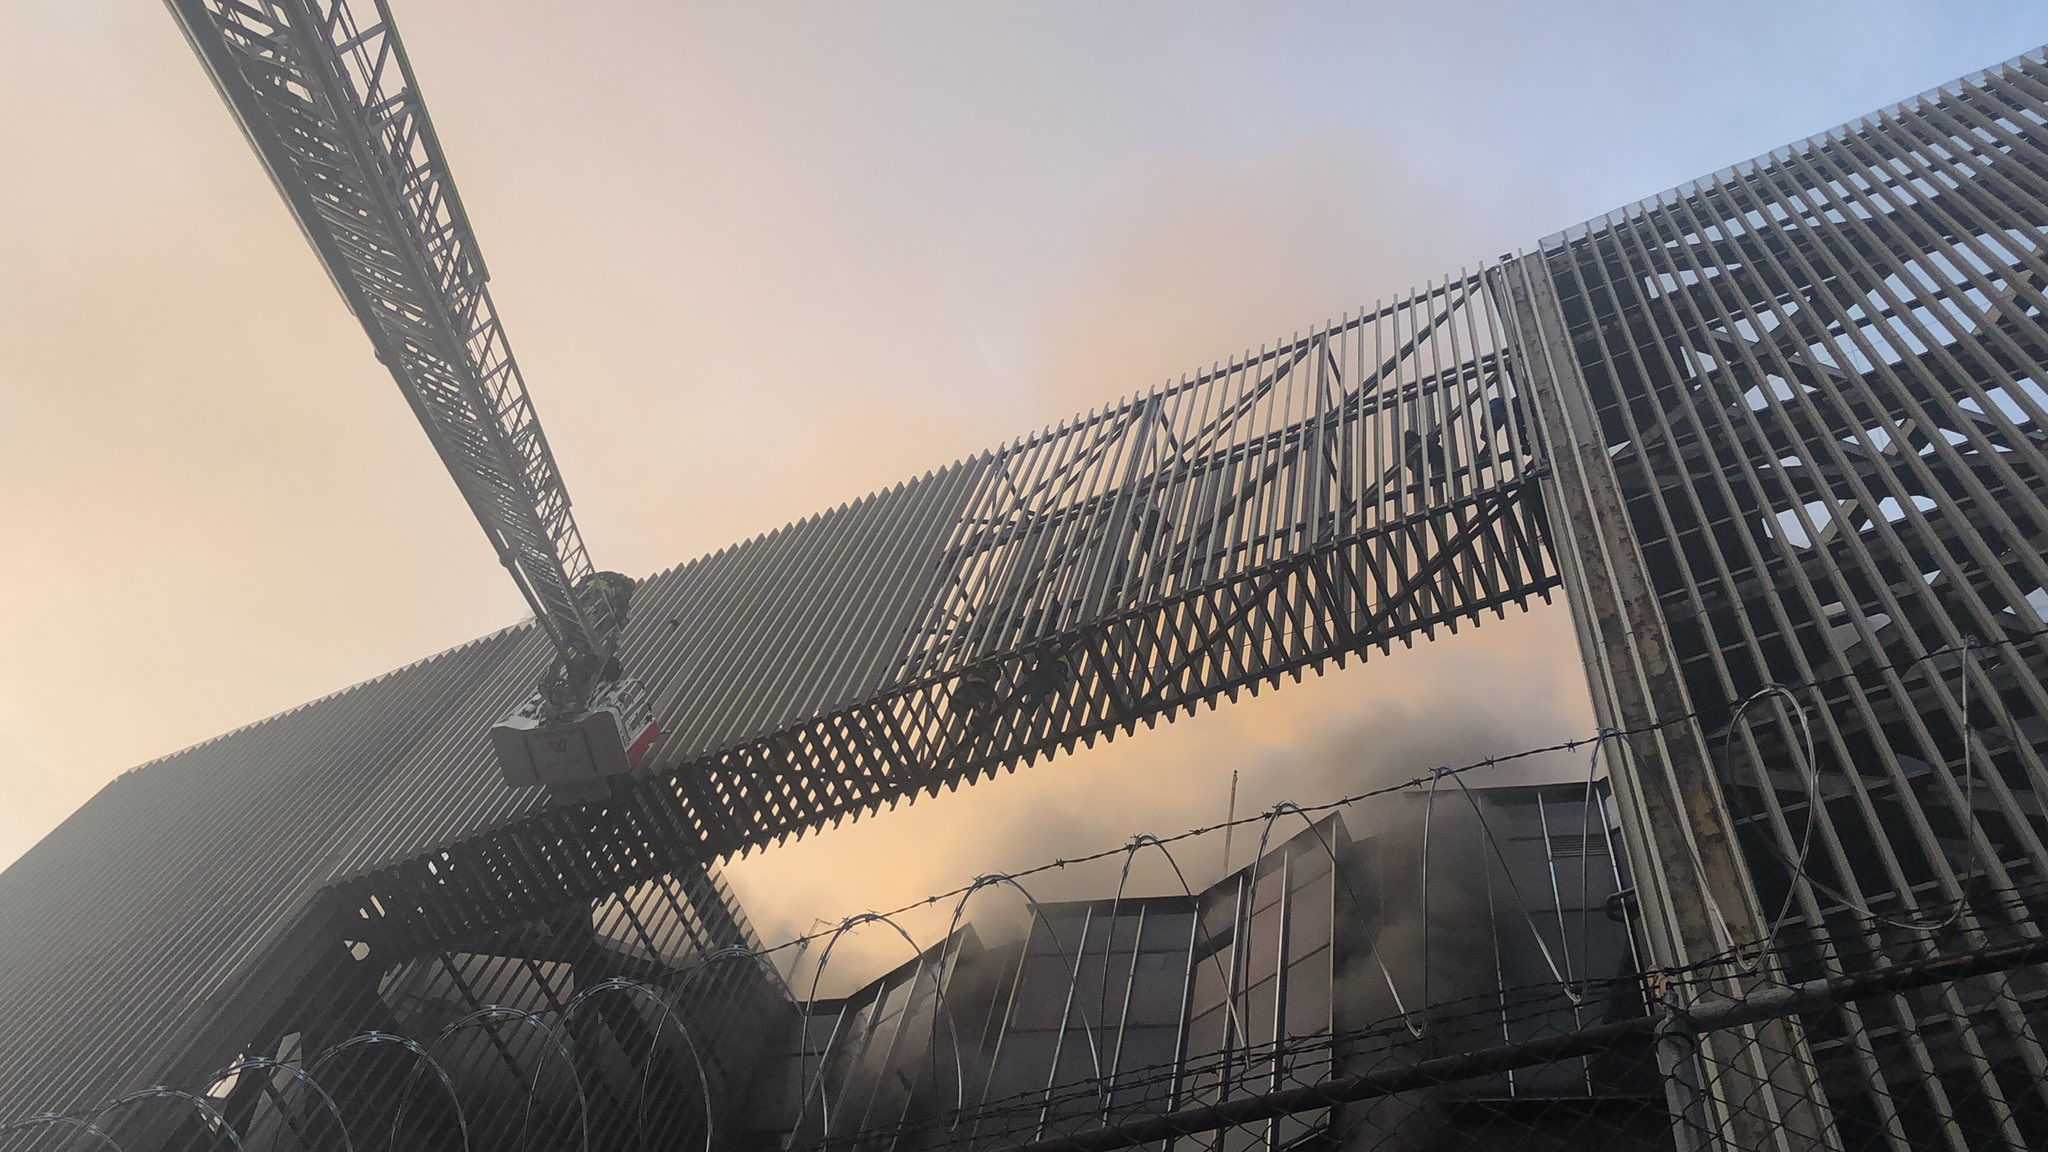 Controlado el incendio en subestación del Metro CDMX